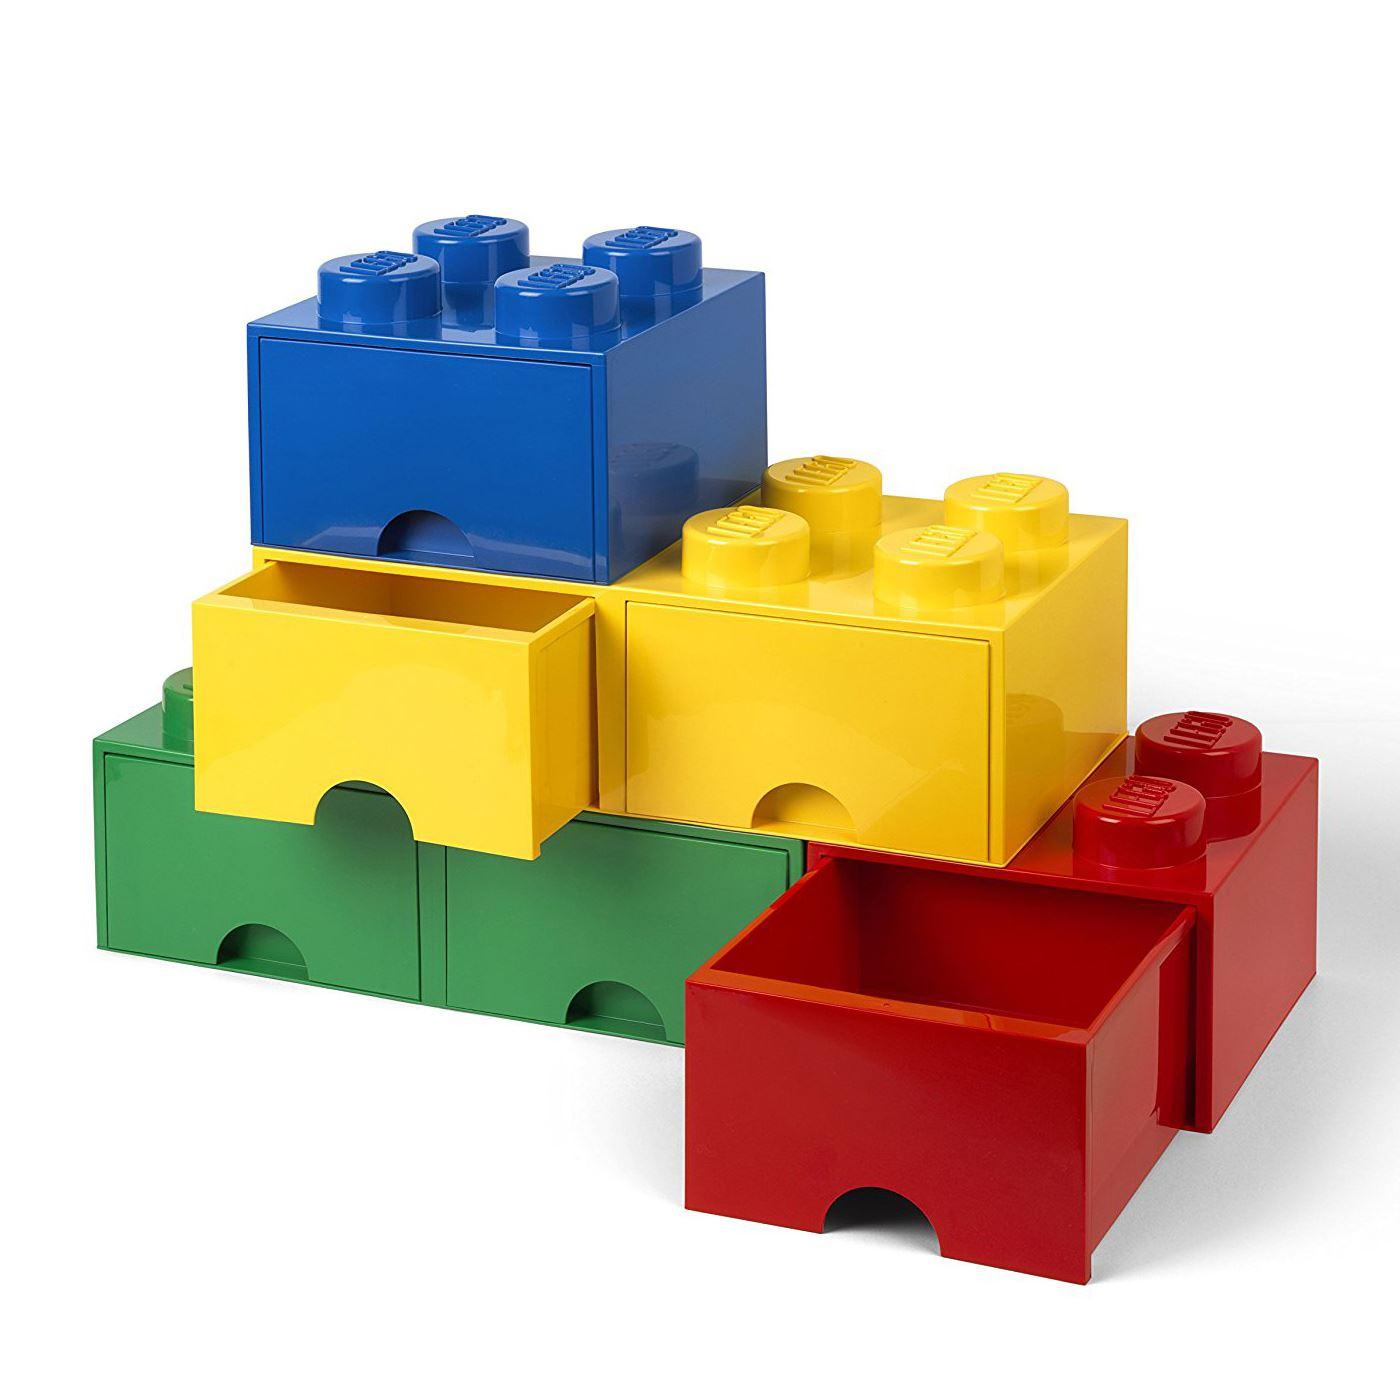 offizielle lego stein aufbewahrung spielzeugkiste 8 mit 2 schubladen gelb kinder ebay. Black Bedroom Furniture Sets. Home Design Ideas